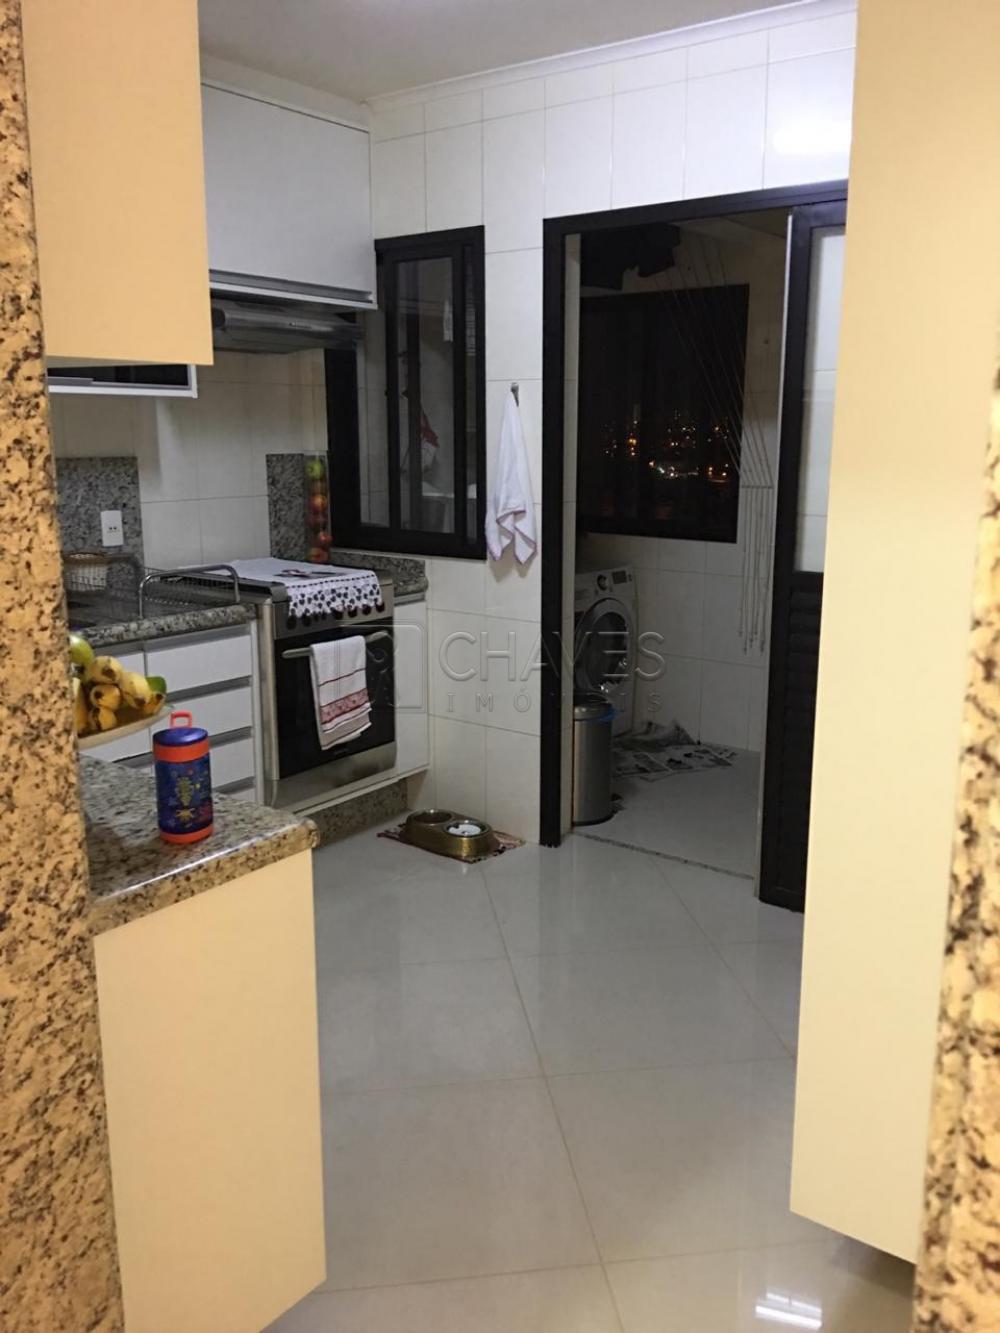 Comprar Apartamento / Padrão em Ribeirão Preto apenas R$ 440.000,00 - Foto 7